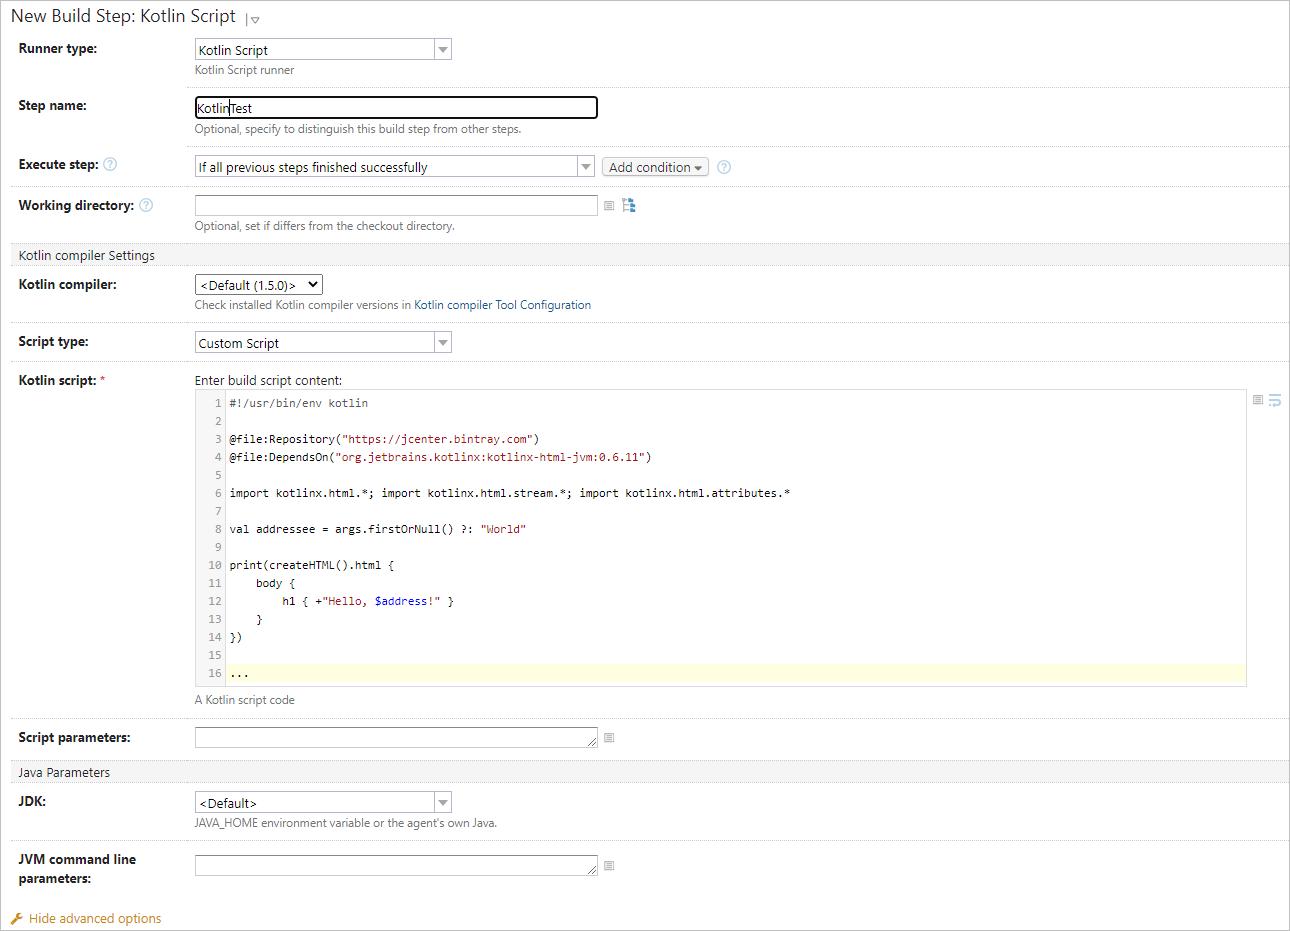 Kotlin Script build step